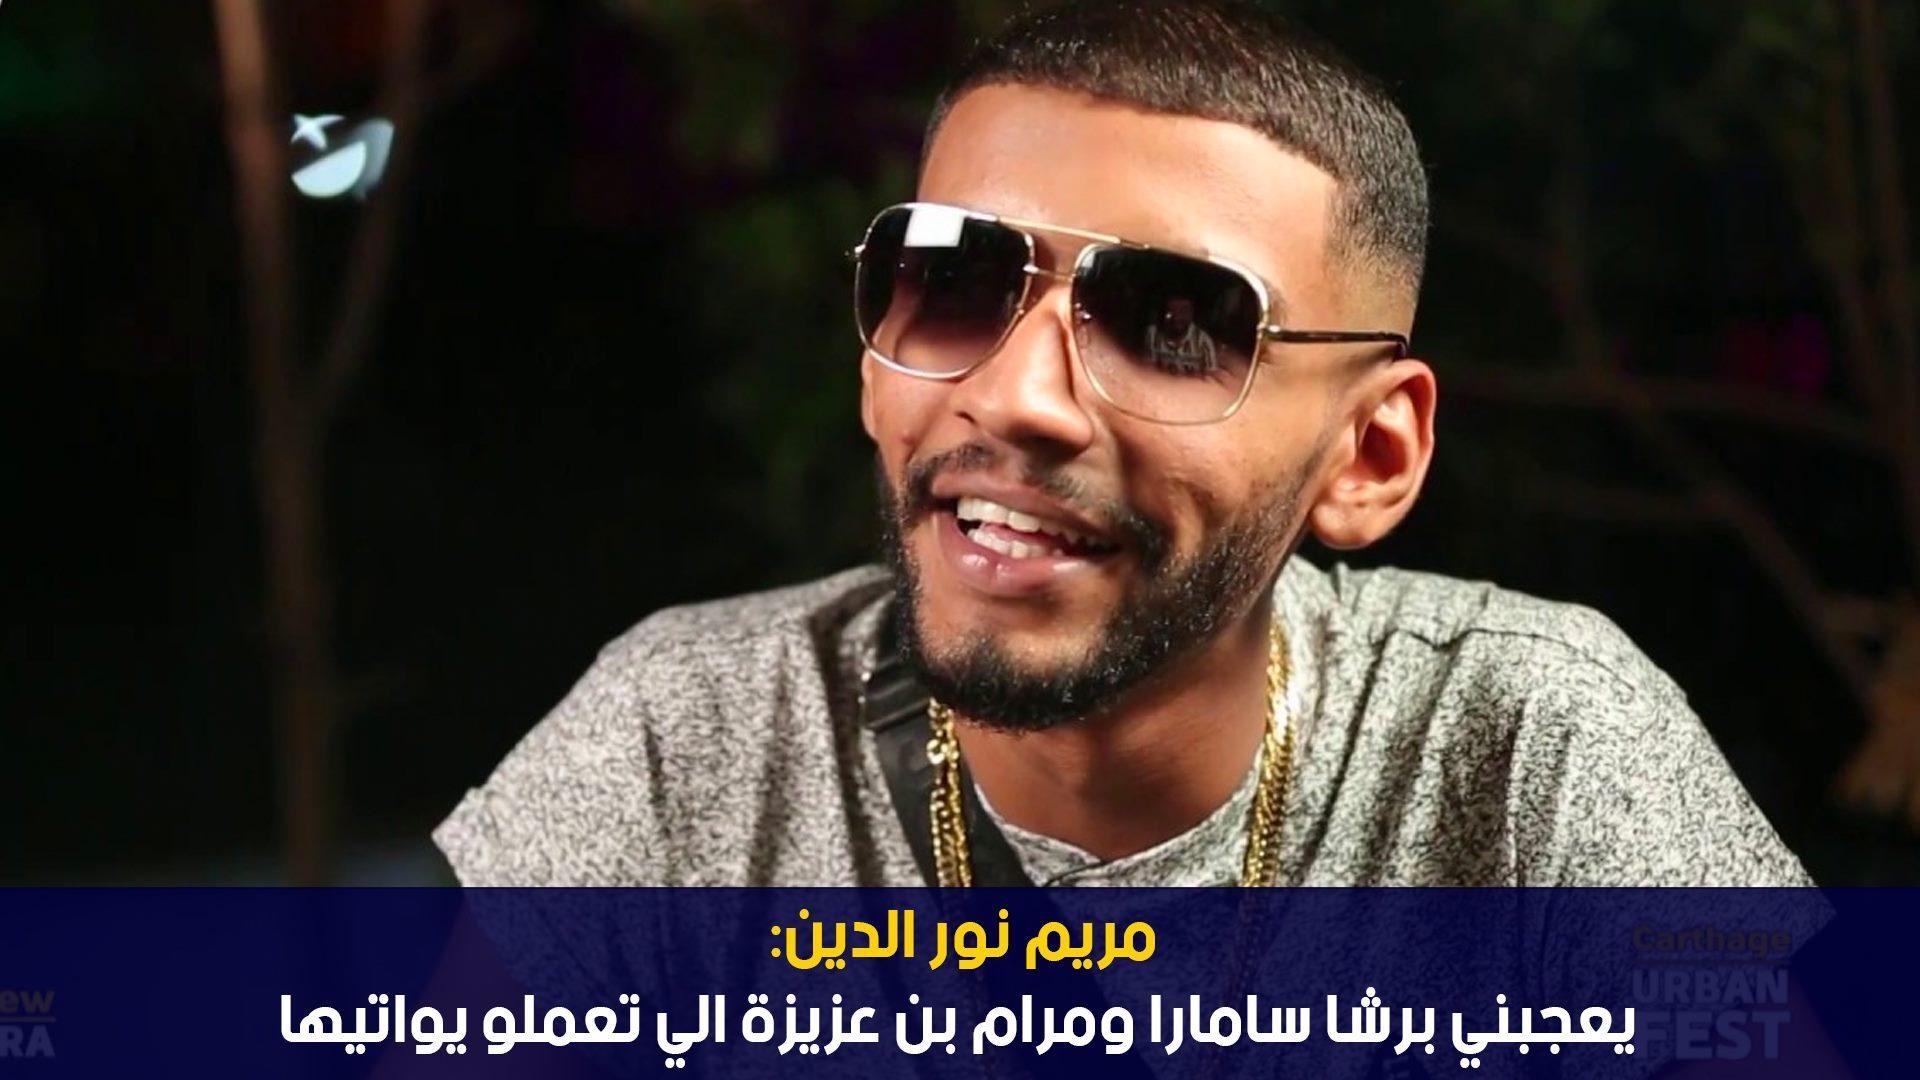 مريم نور الدين: يعجبني برشا سامارا ومرام بن عزيزة الي تعملو يواتيها